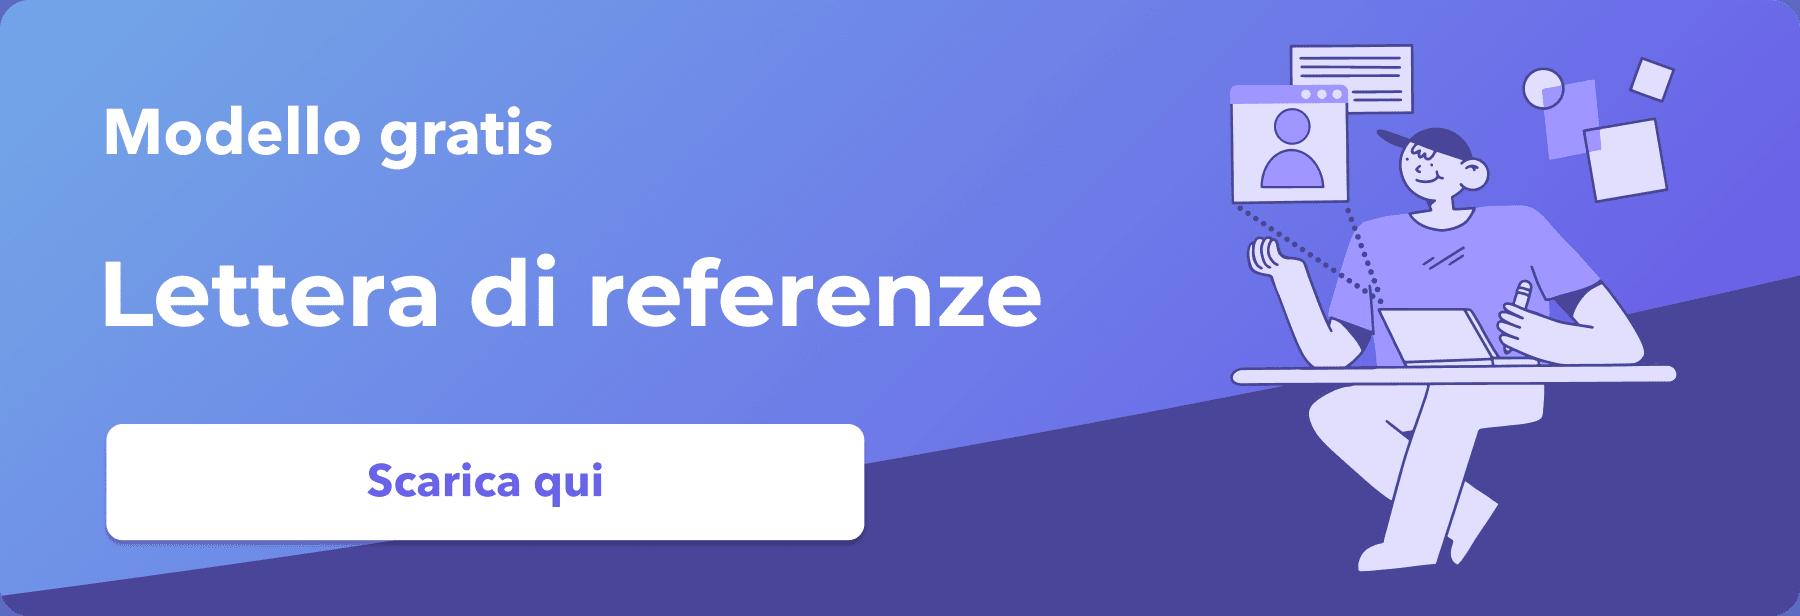 modello lettera di referenze gratis